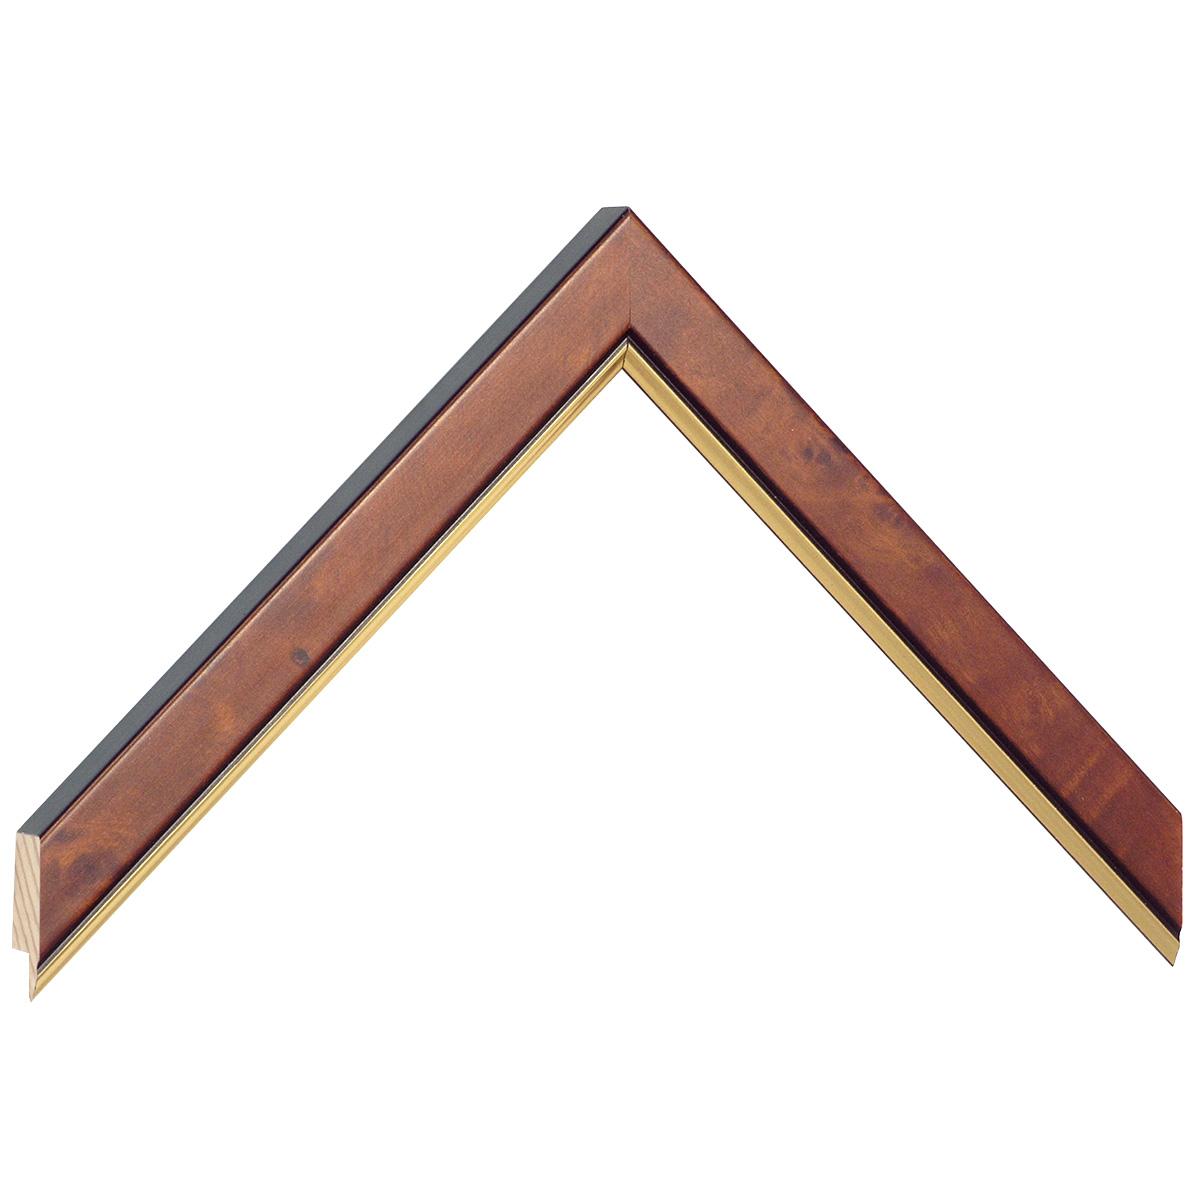 Moulding burl veneer 20mm - matt brown with gold edge